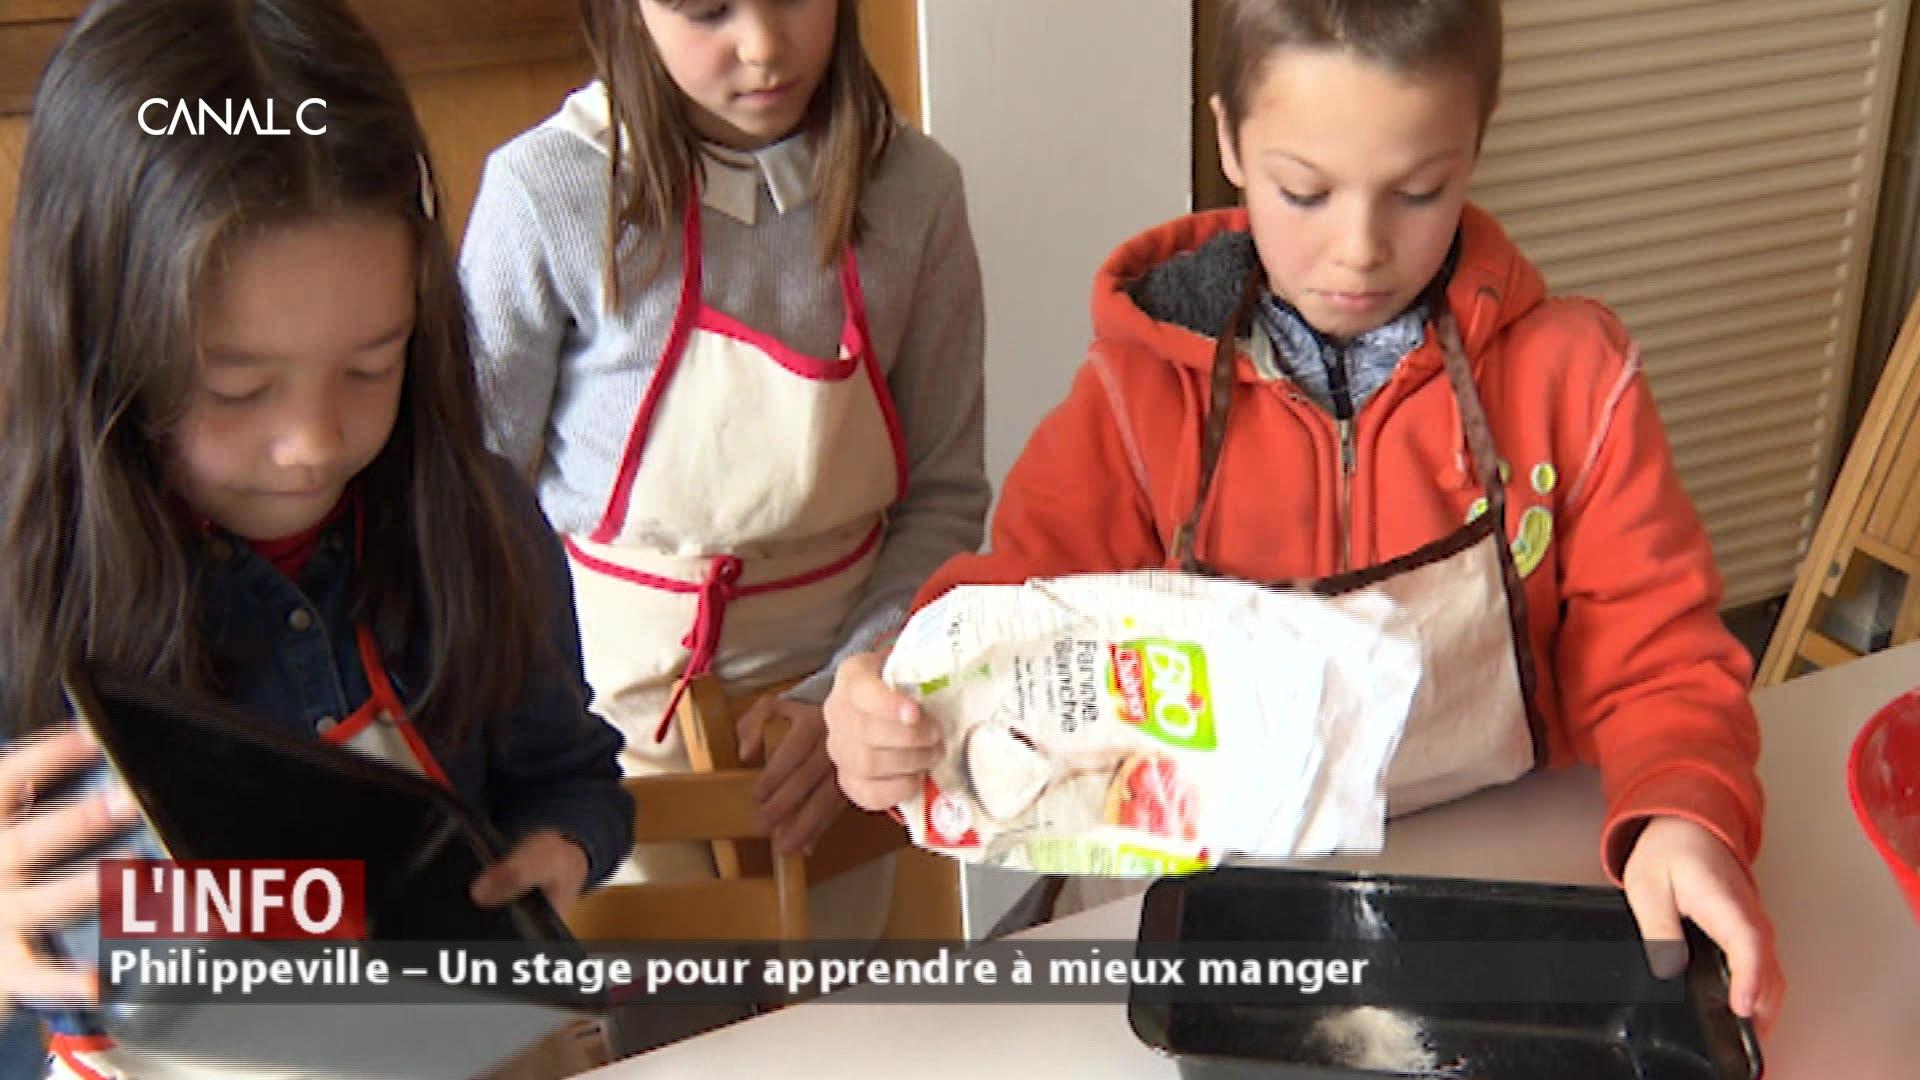 Philippeville – Un stage pour apprendre à mieux manger